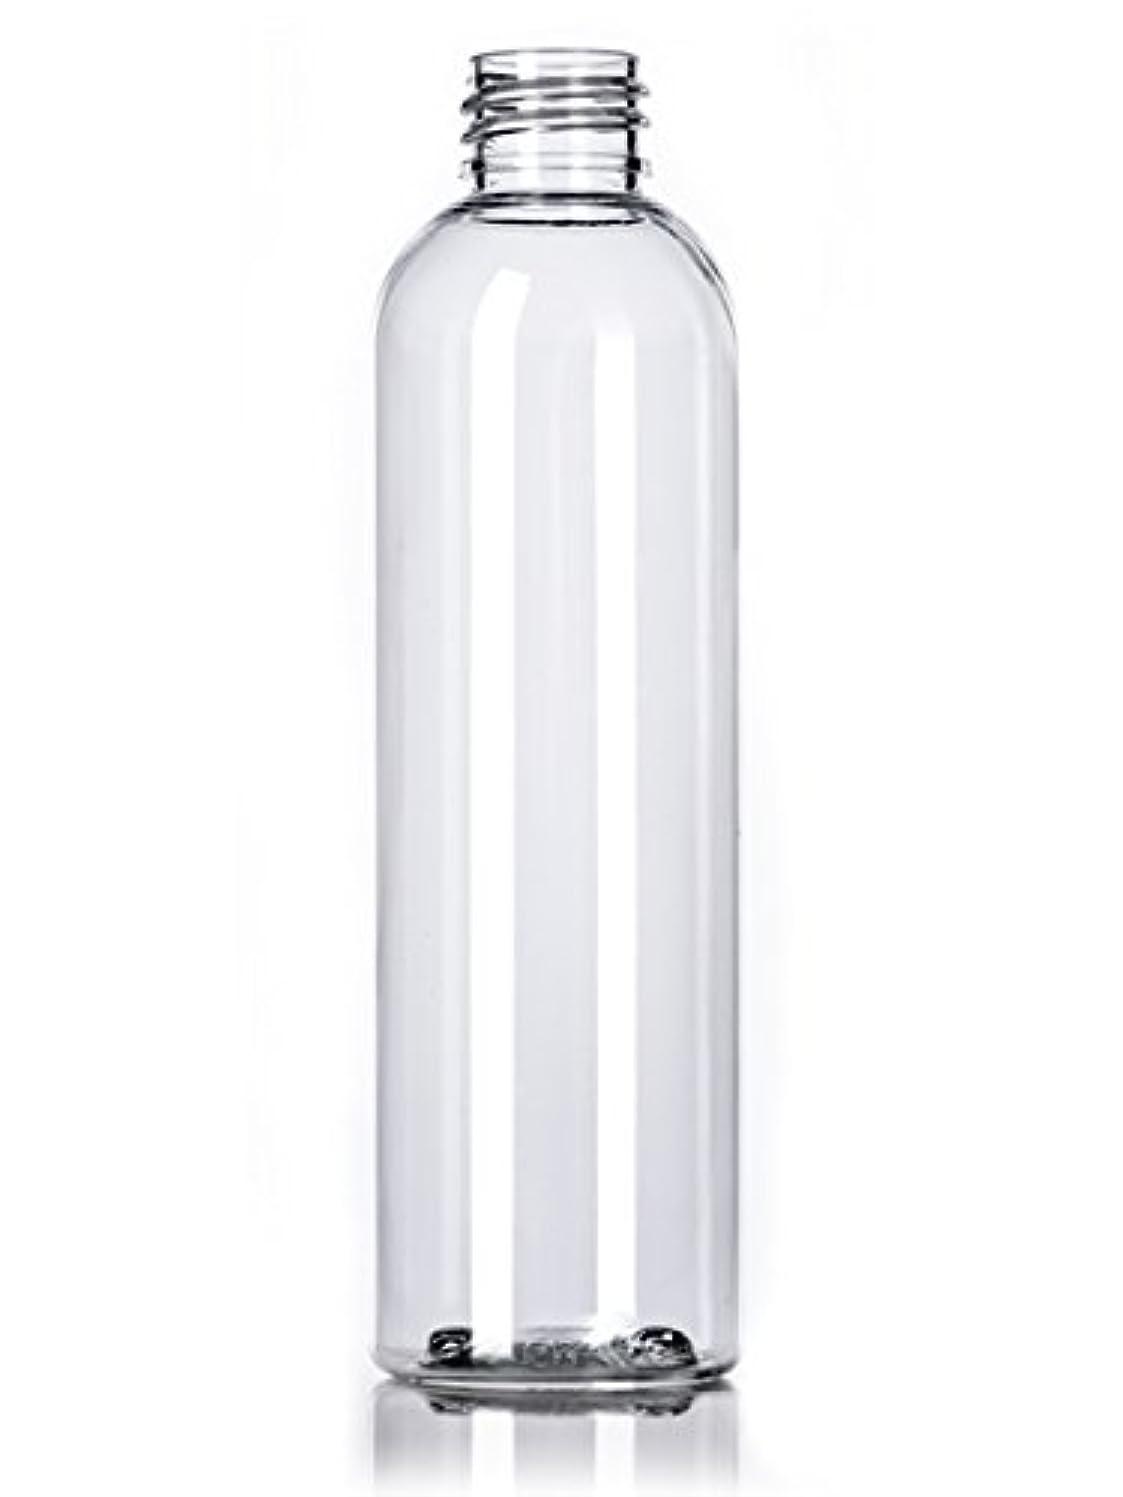 会議空洞亡命プラスチック(PET)ボトル/ディスクトップキャップ4オンス、クリア、4カウントワット